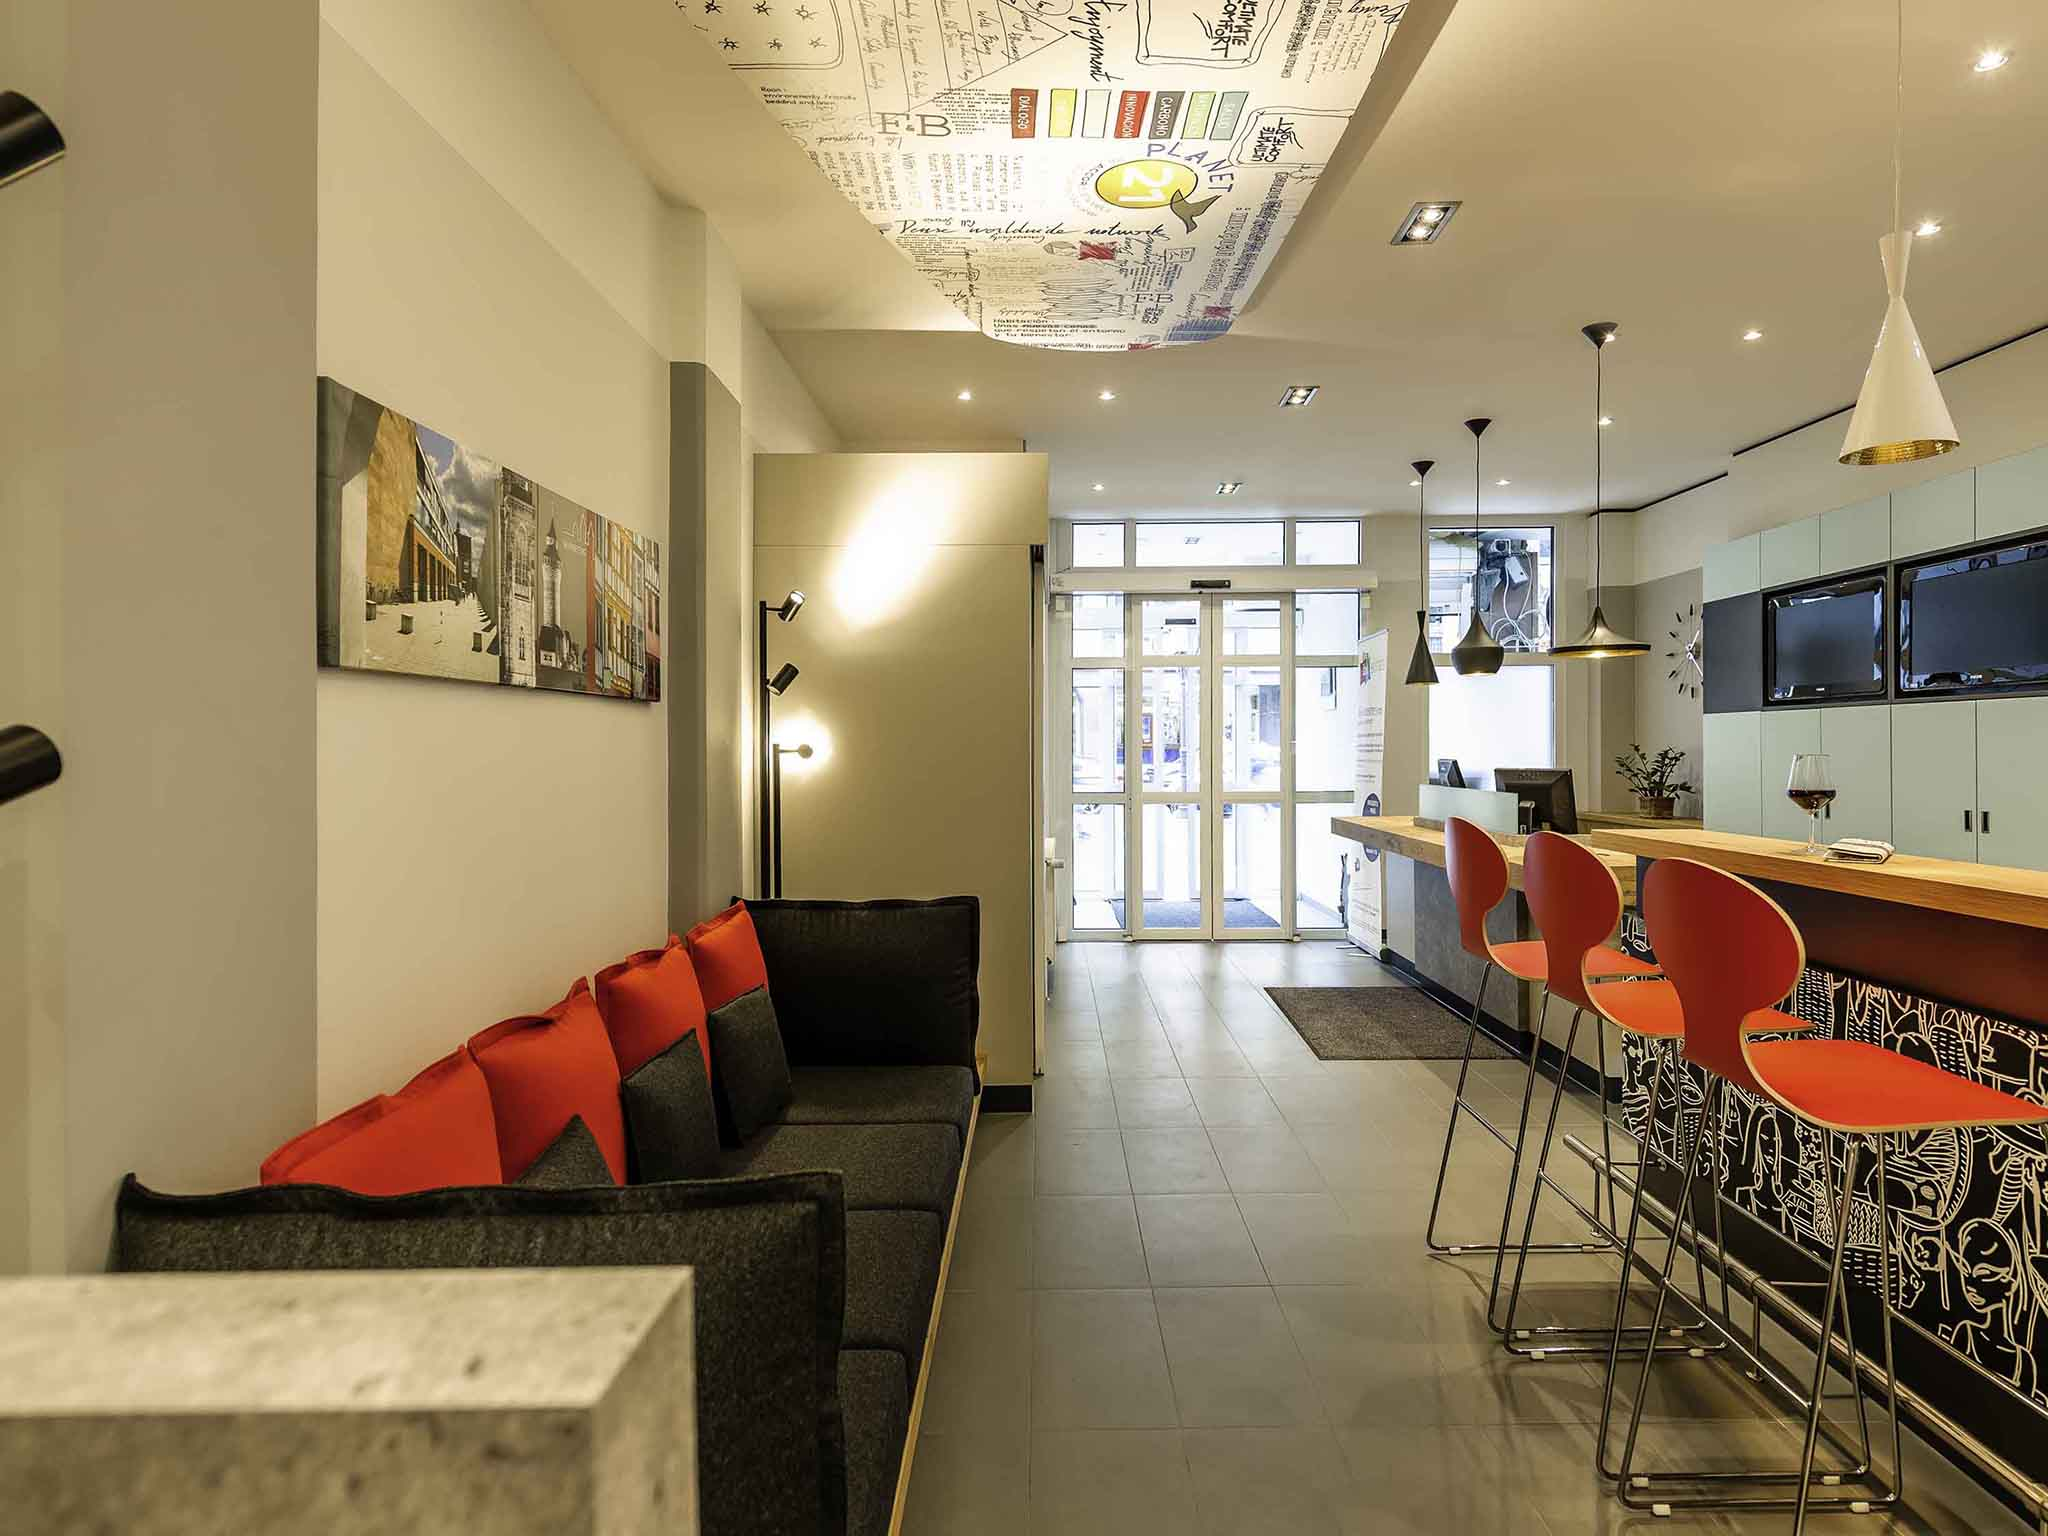 Hotel ibis nuernberg altstadt book your hotel now wifi for Bar 42 nurnberg